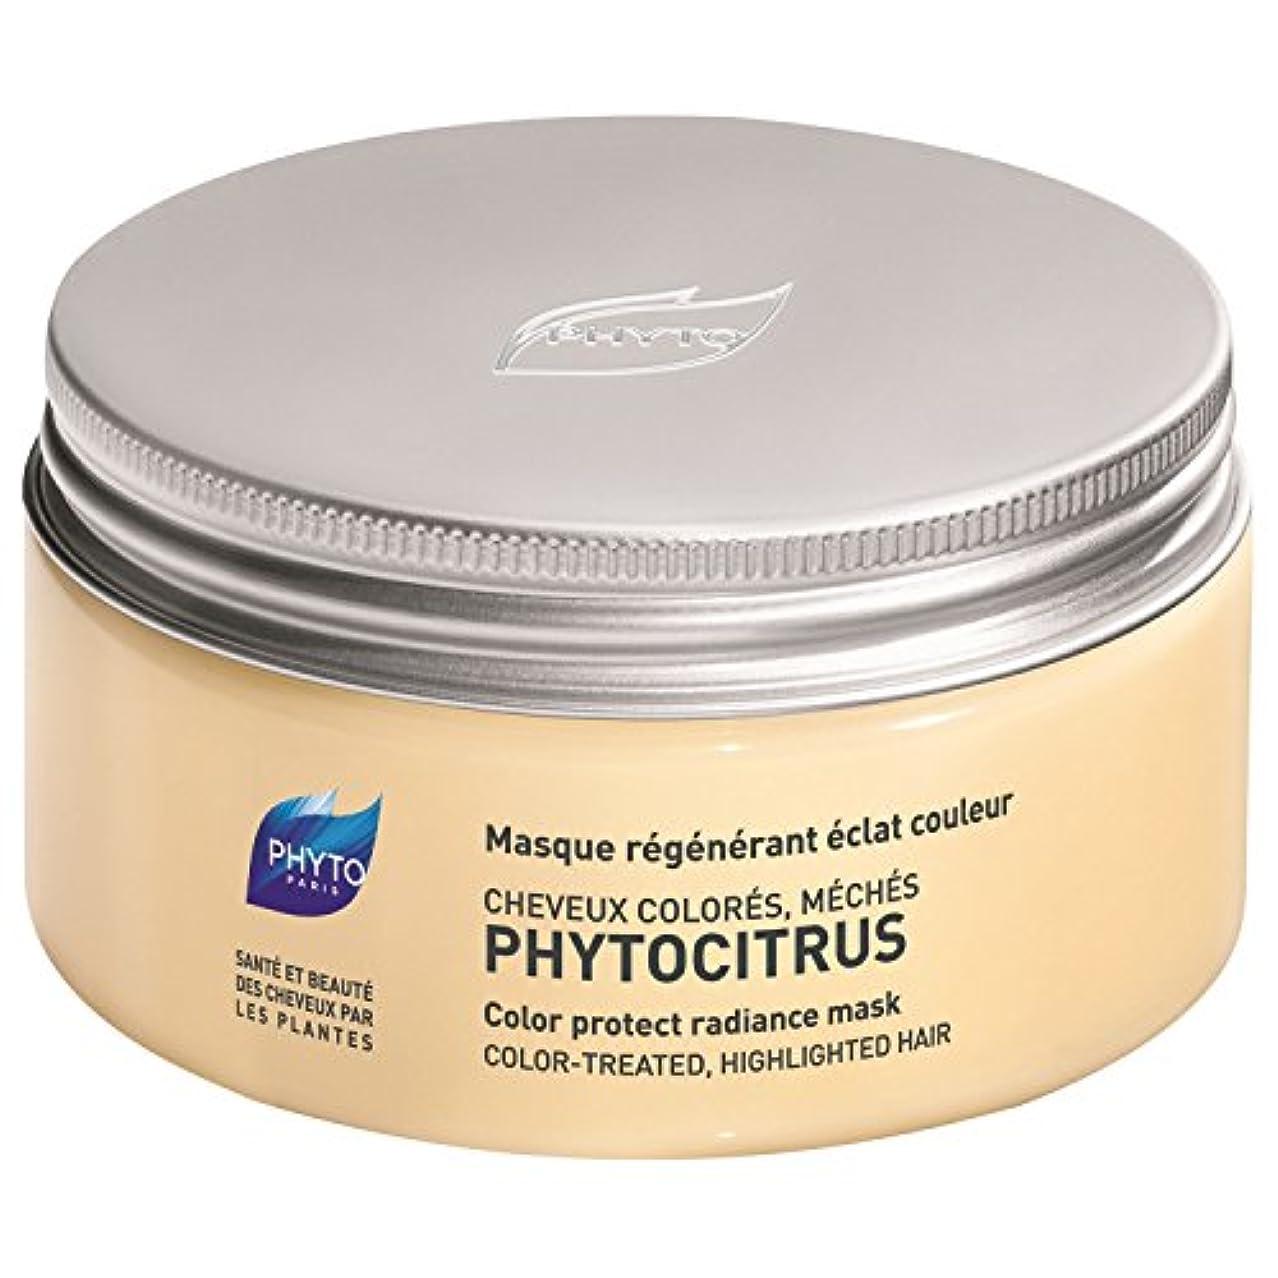 ティッシュ残酷階フィトPhytocitrus色保護放射輝度マスク200ミリリットル (Phyto) (x6) - Phyto Phytocitrus Colour Protect Radiance Mask 200ml (Pack of...